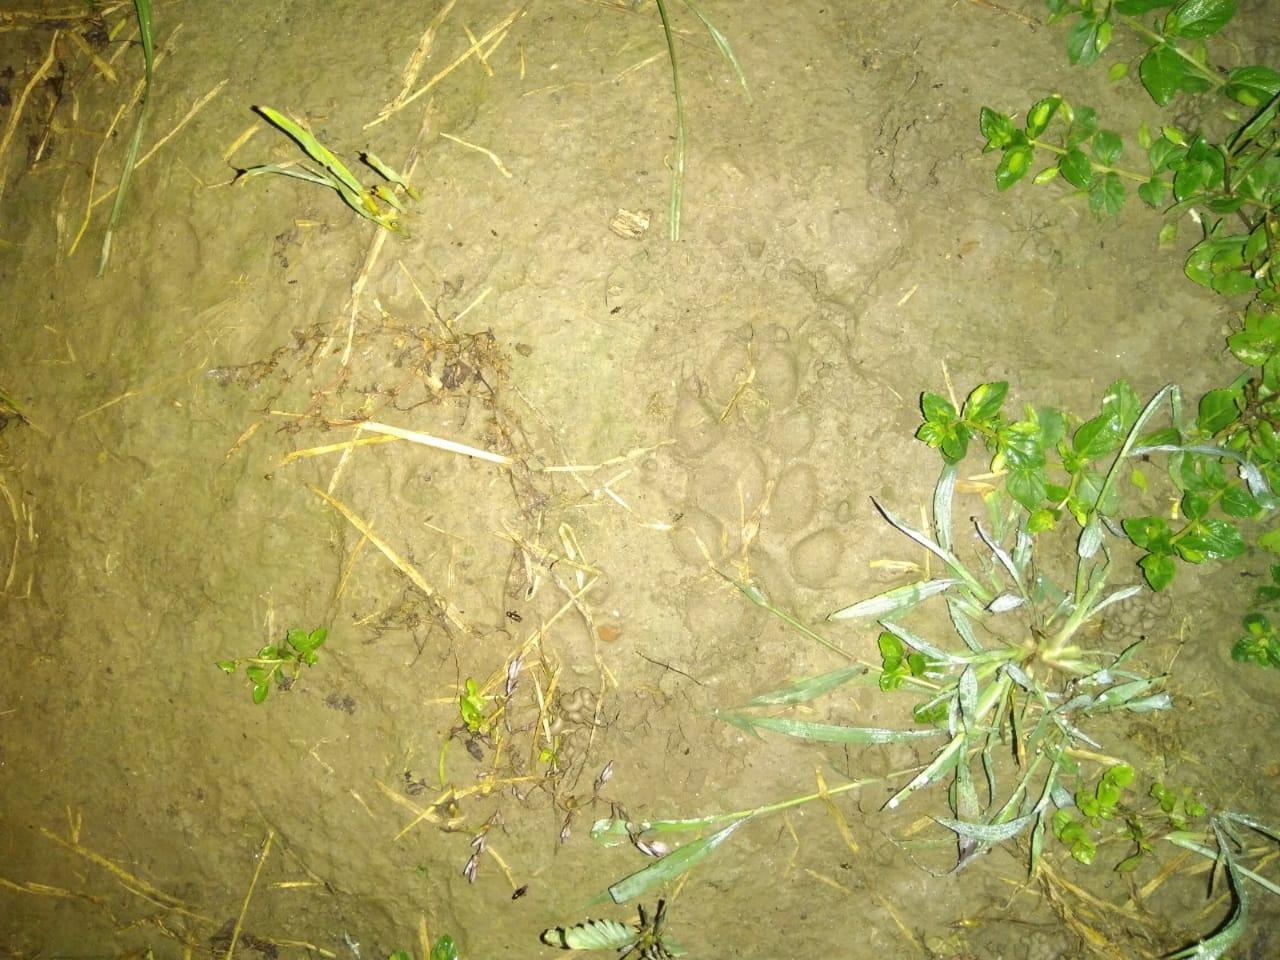 गांव में मिले तेंदुए के निशान